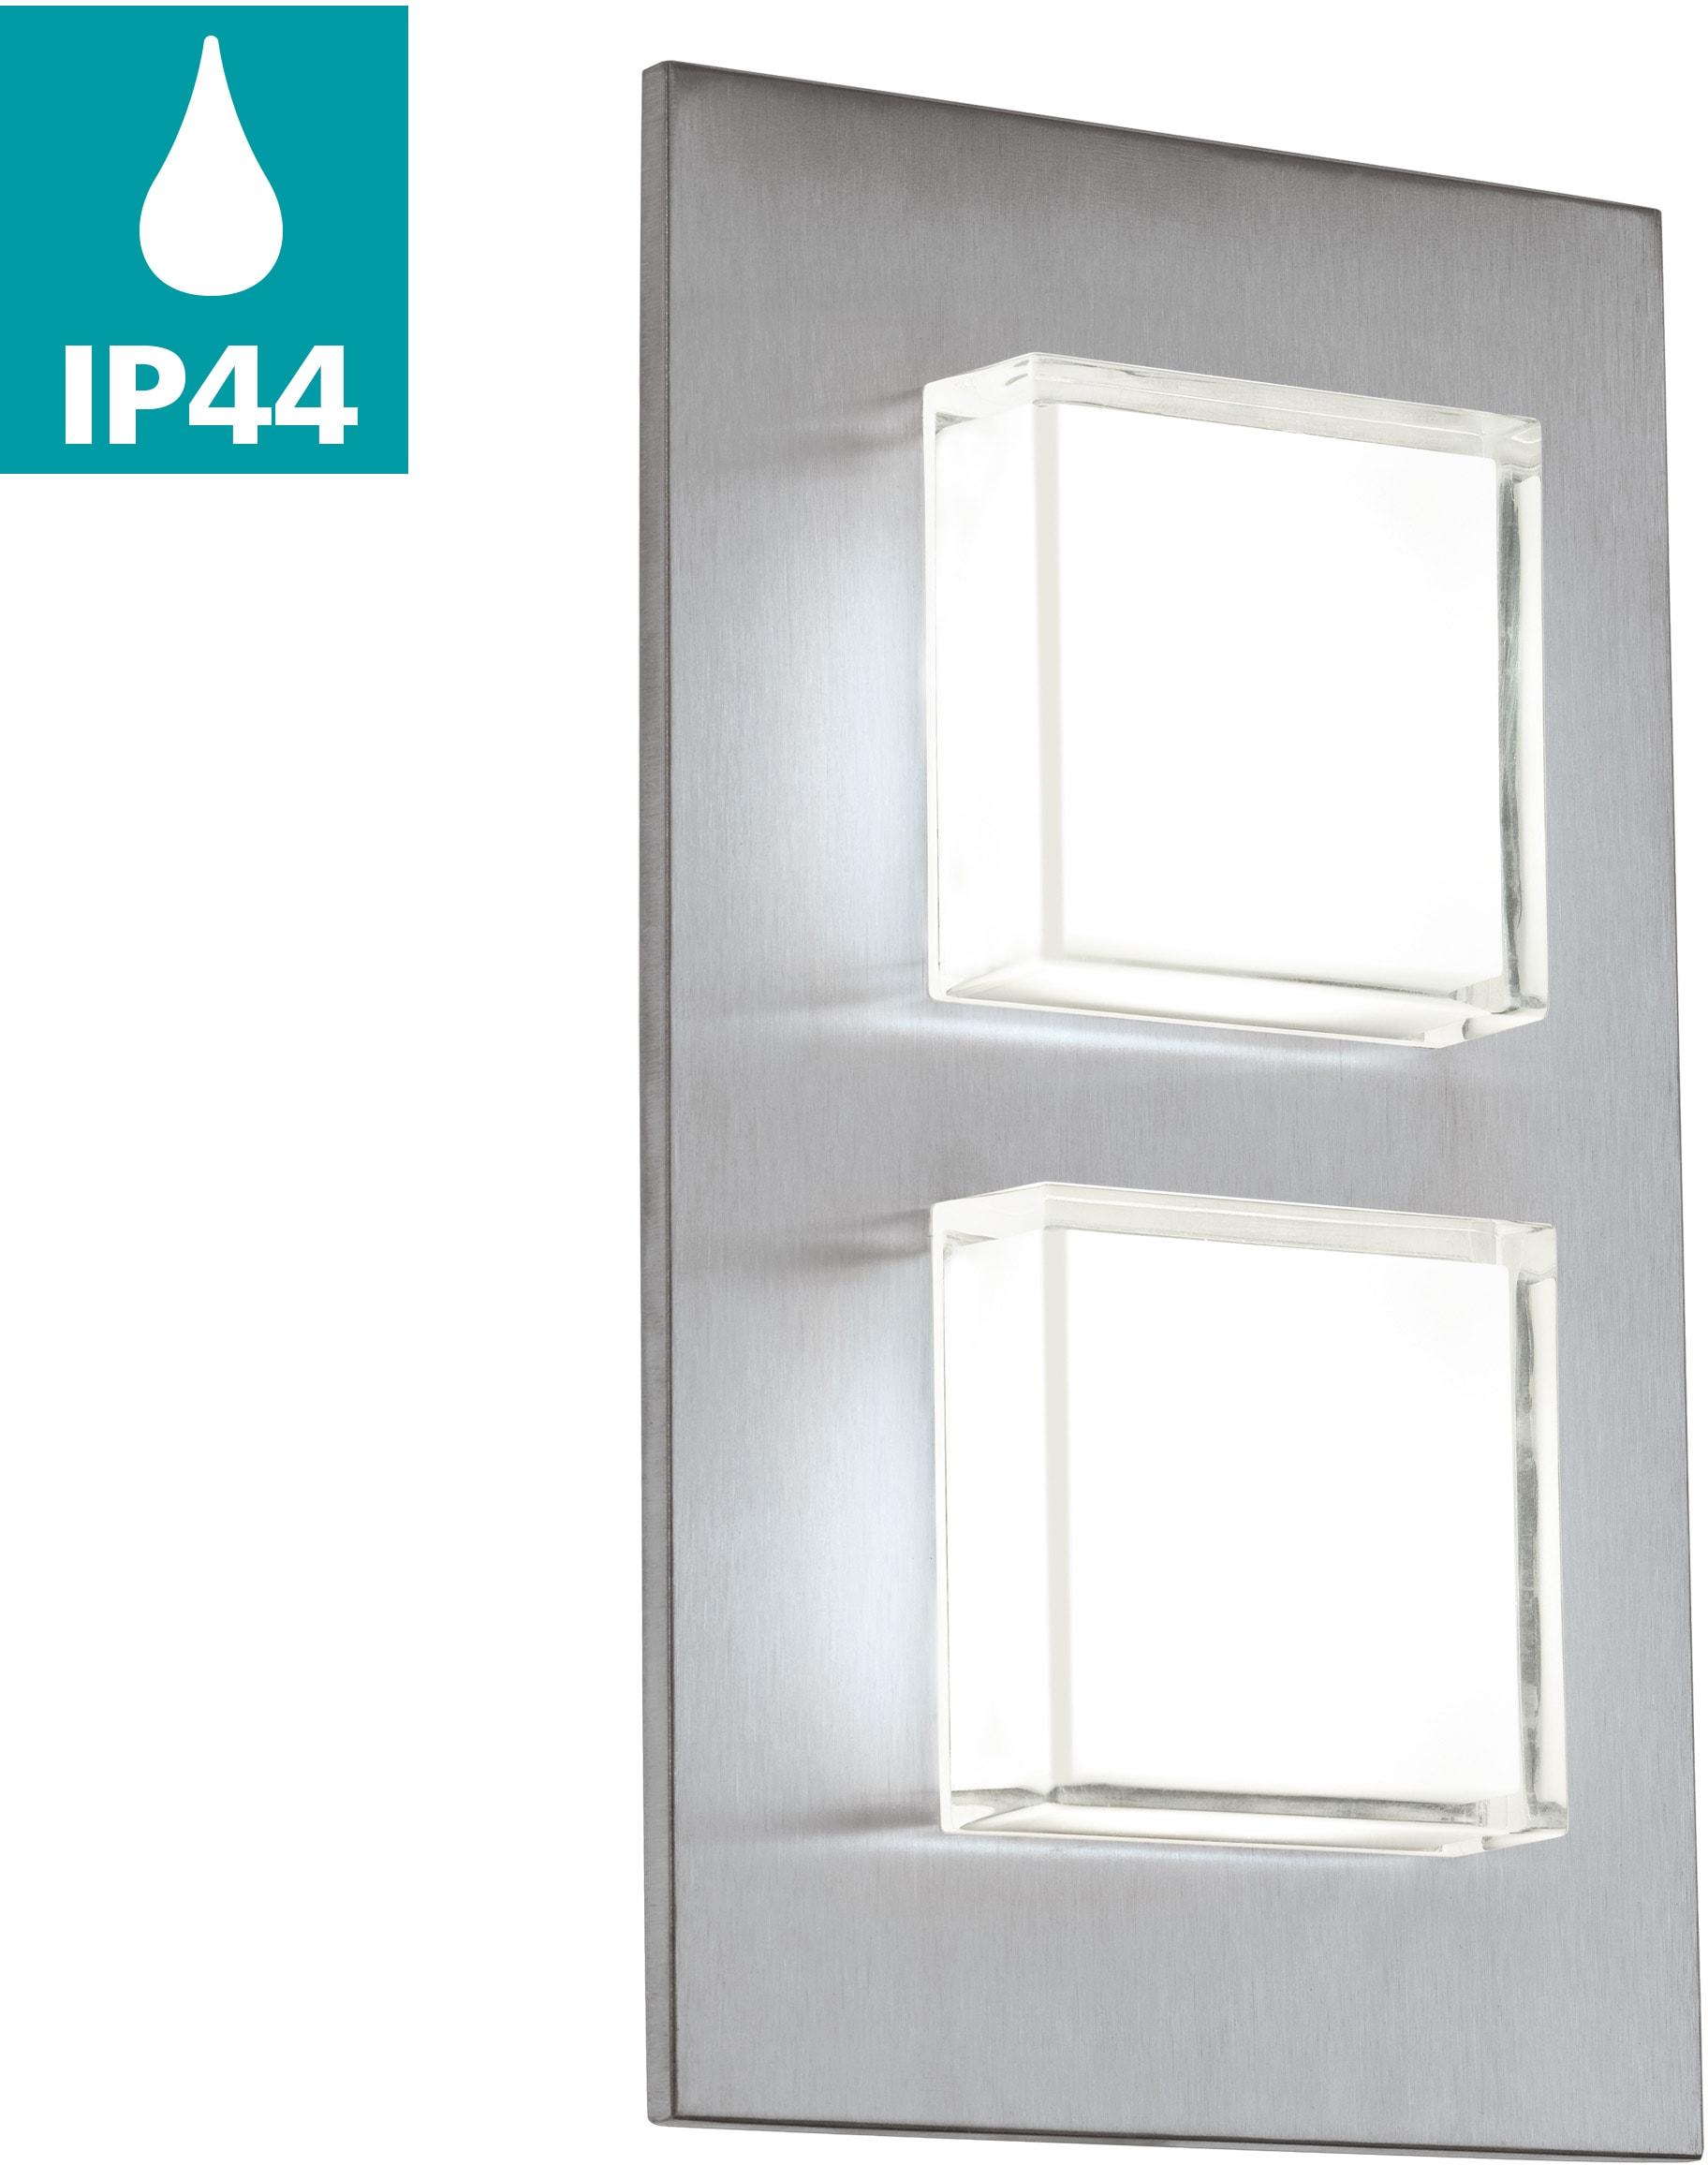 EGLO LED Außen-Wandleuchte Pias, LED-Board, Warmweiß, Eckmontage möglich, LED tauschbar